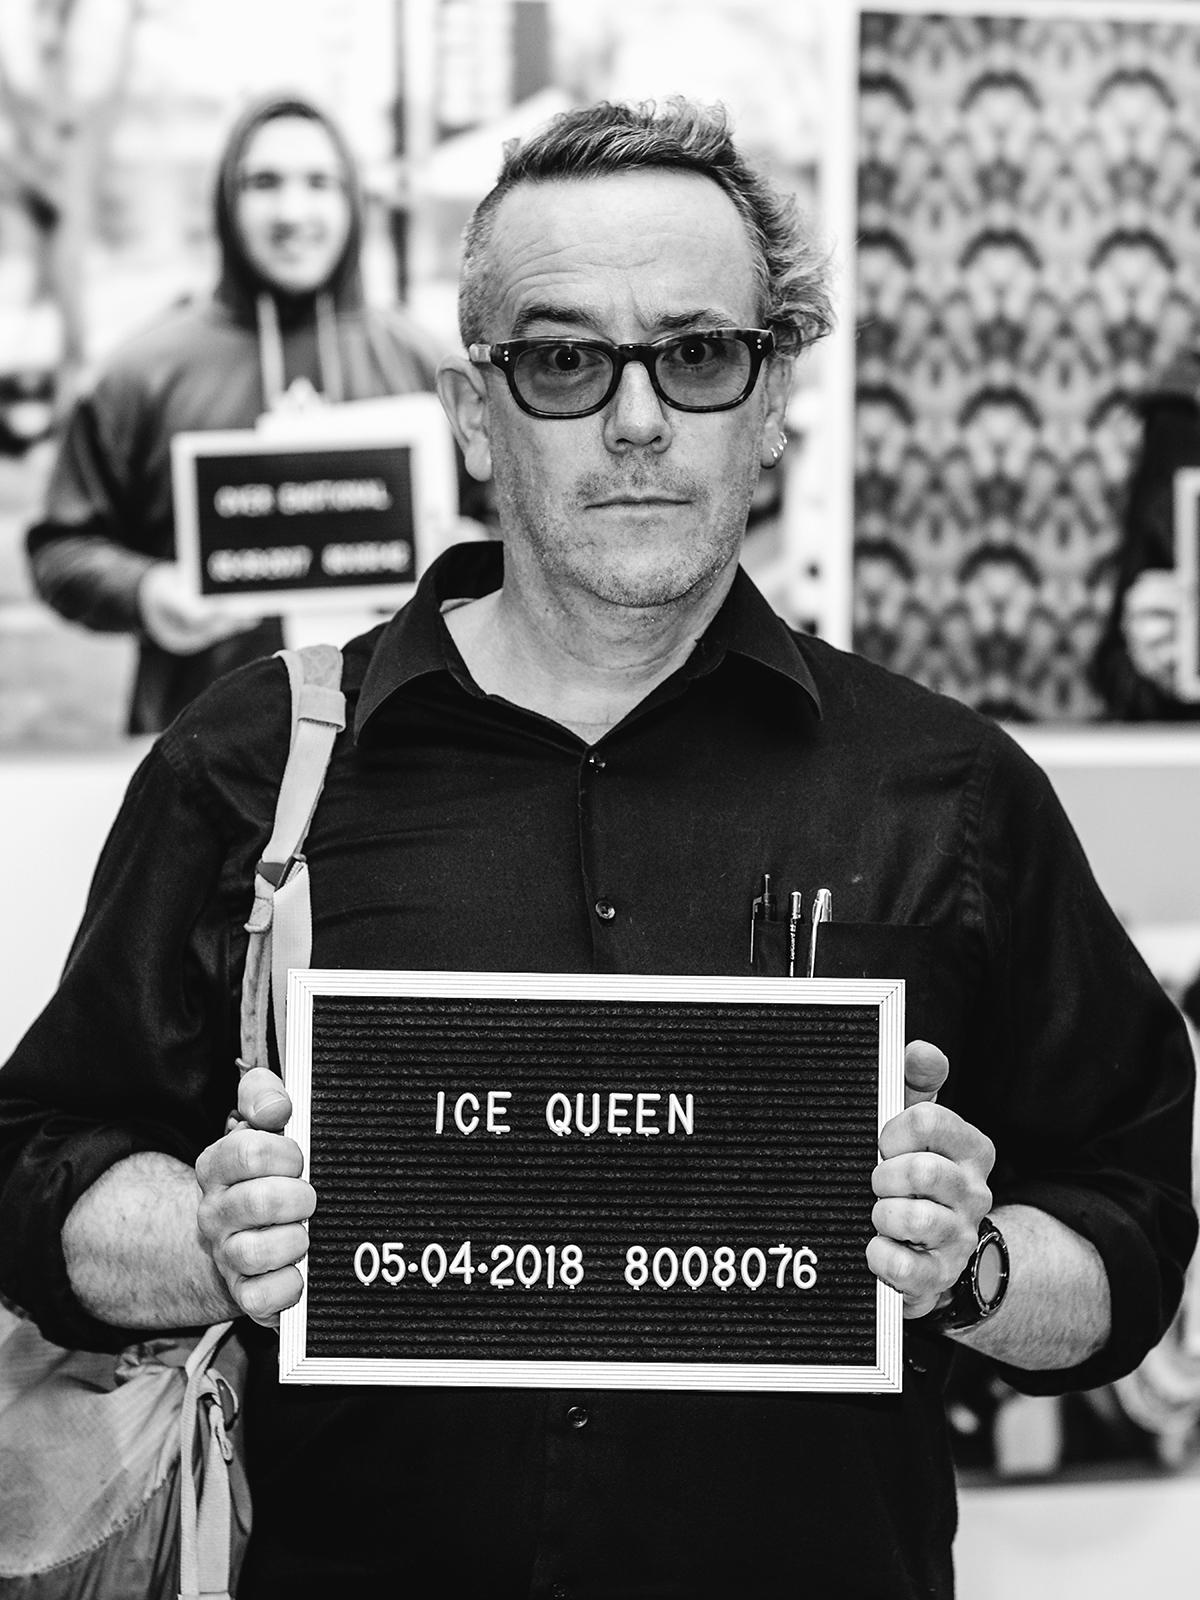 8008076 ice queen.jpg